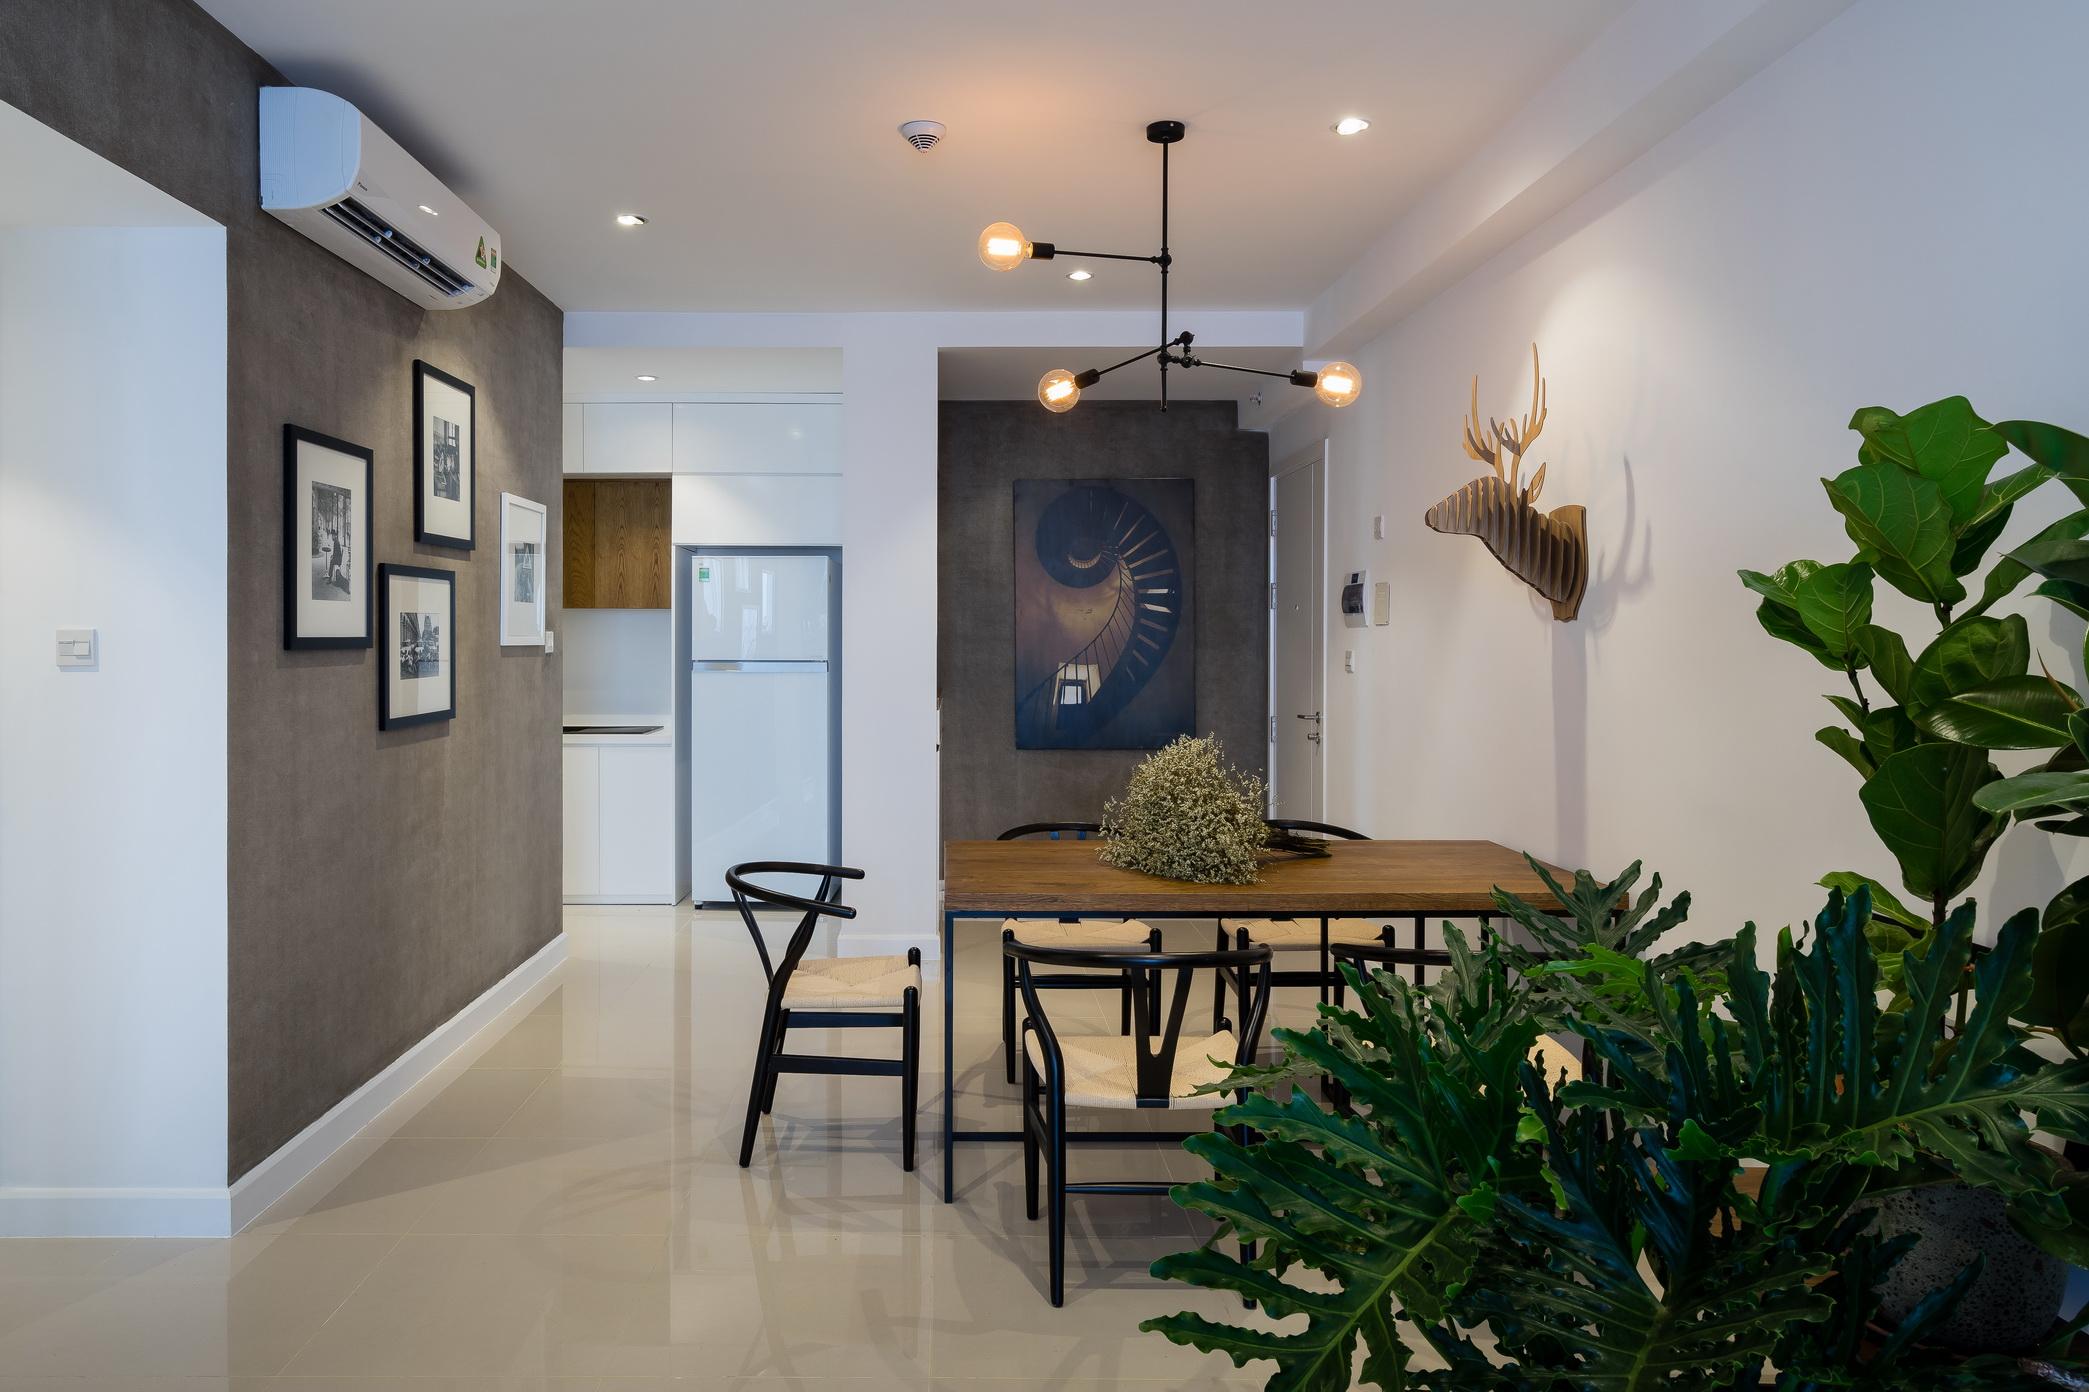 Nội thất căn hộ tông tầm cho chủ nhà thích sự tĩnh lặng